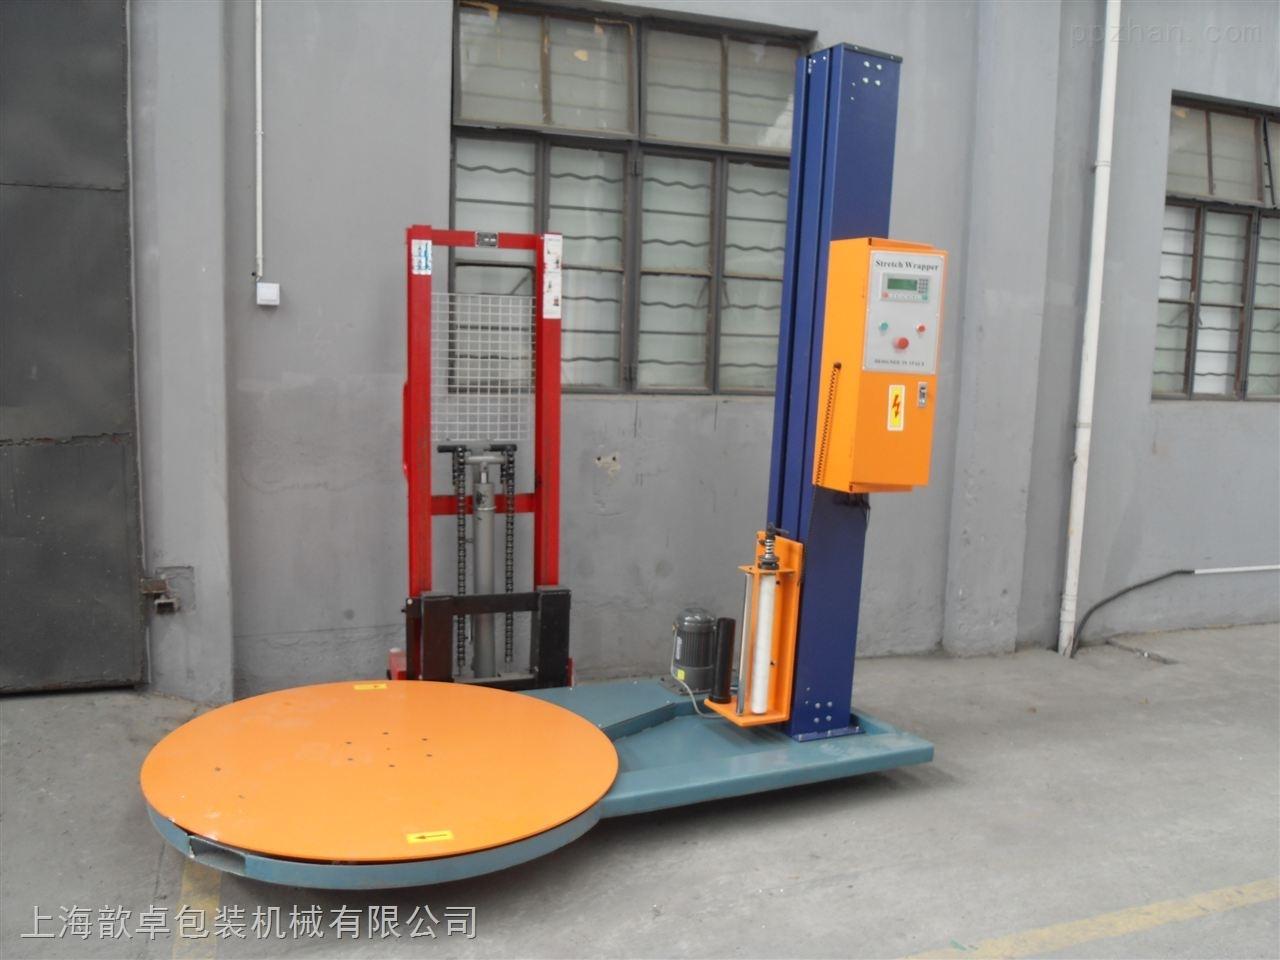 上海厂家直销缠绕包装机 经济型缠绕机 造纸行业缠绕包装机